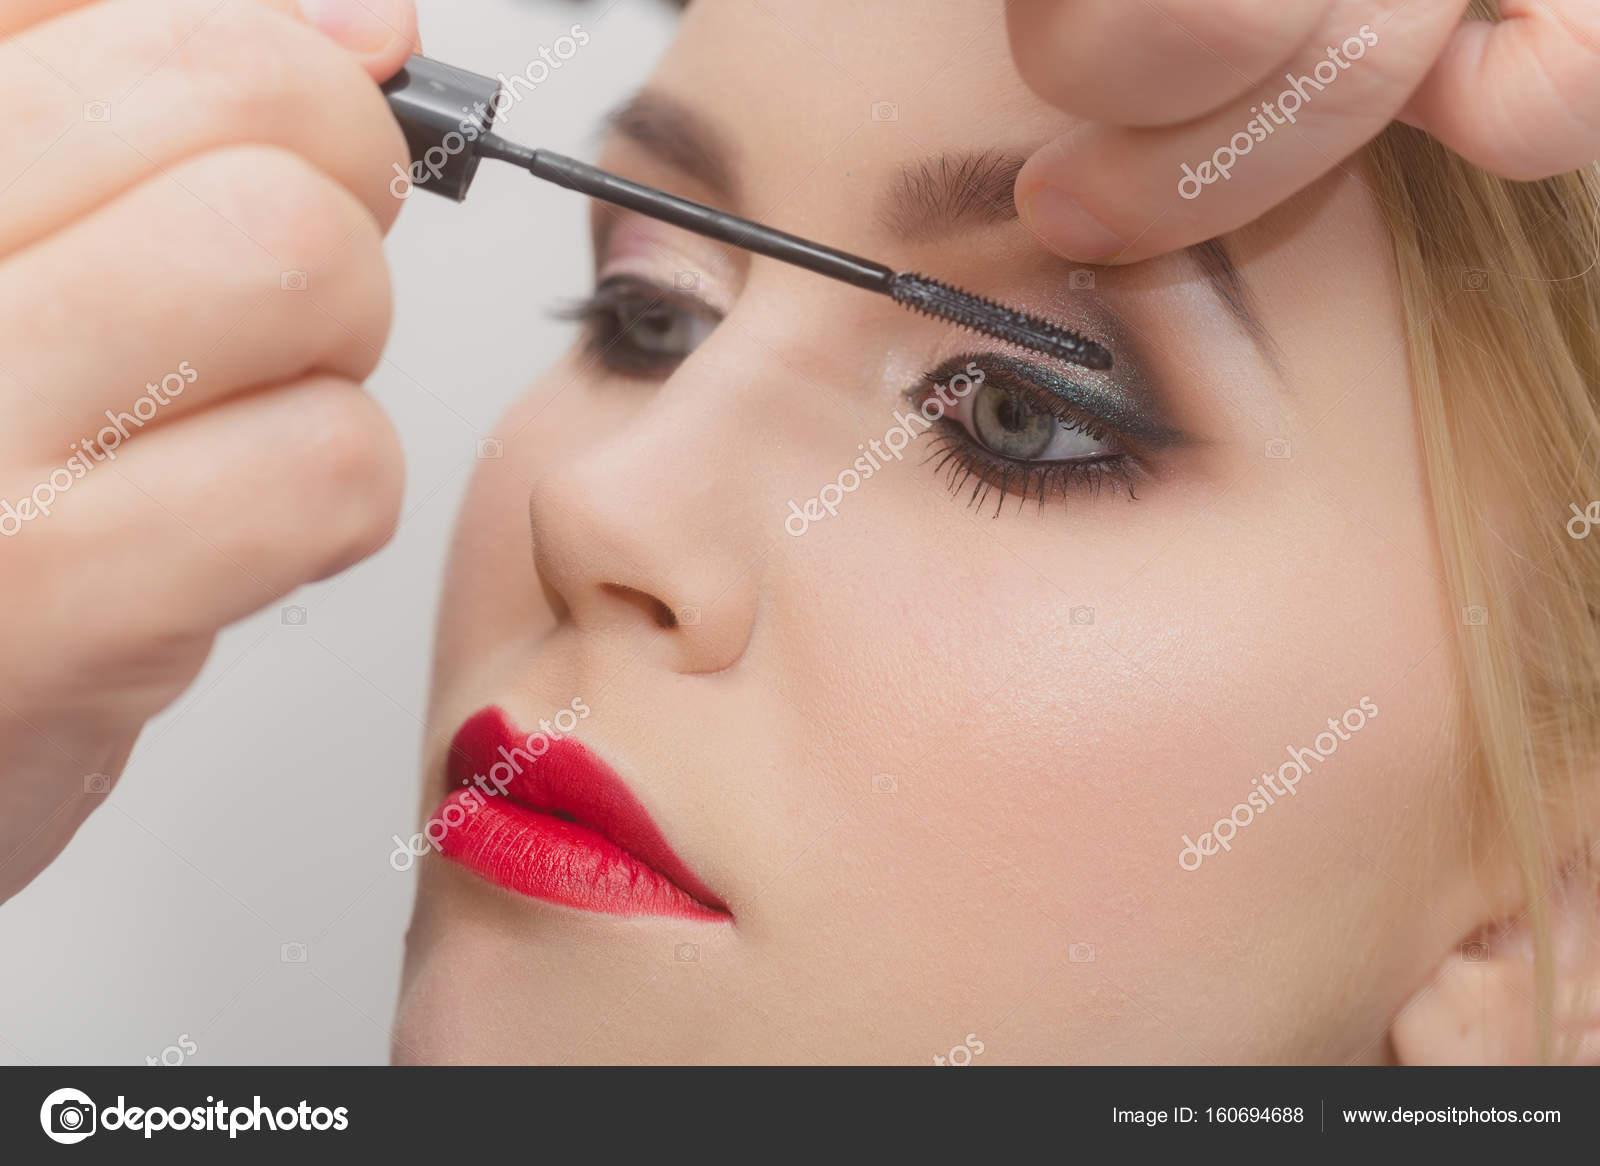 Fashion Model Girl Getting Mascara On Eyelashes Stock Photo